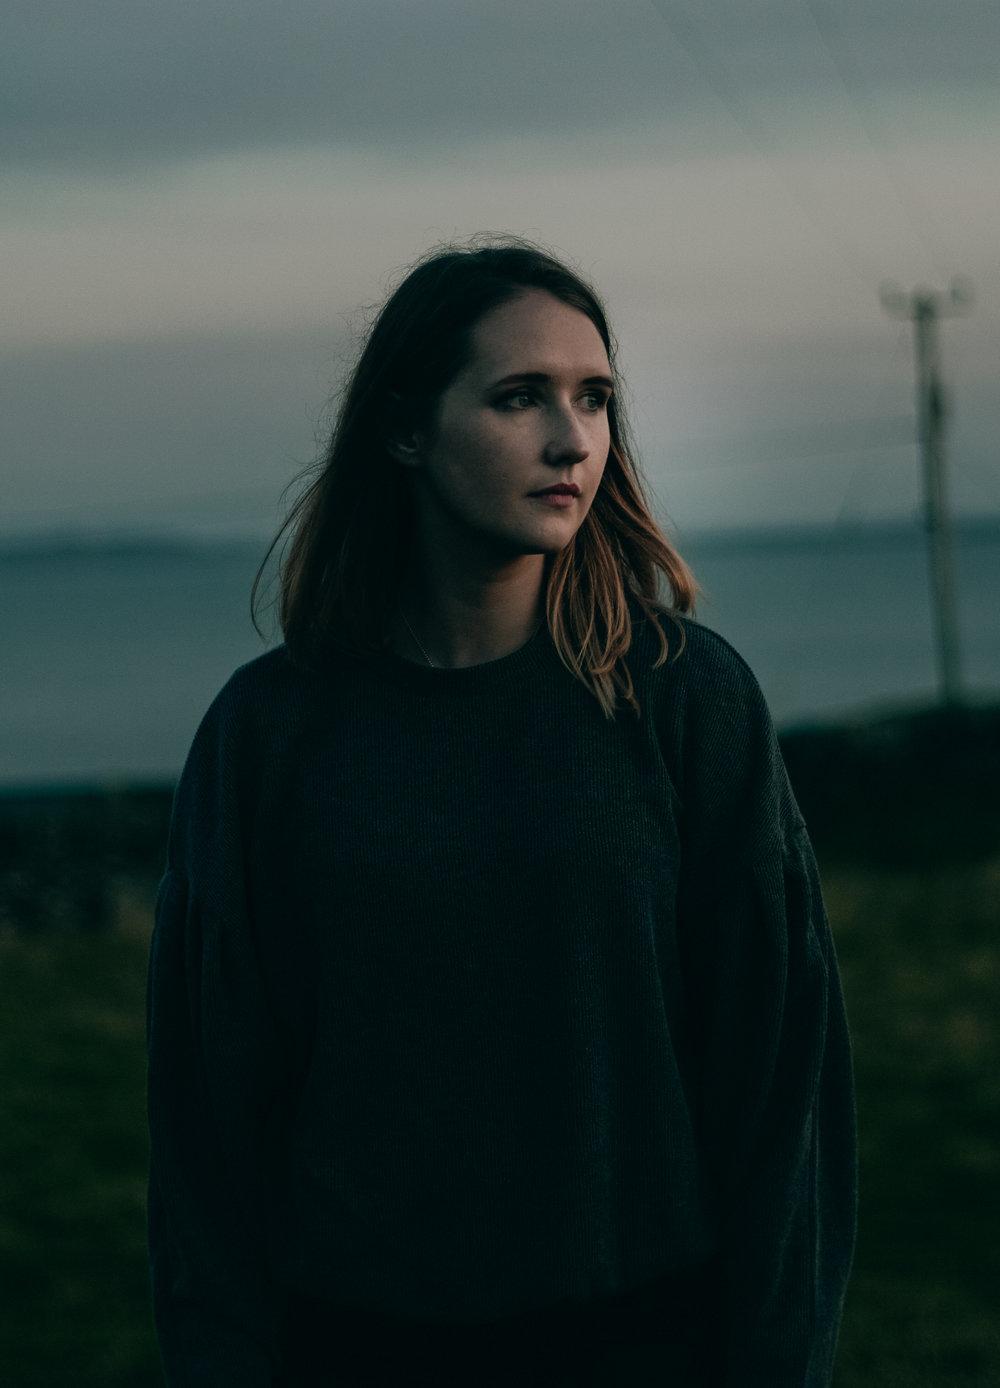 Lilla Vargen - Believe Me